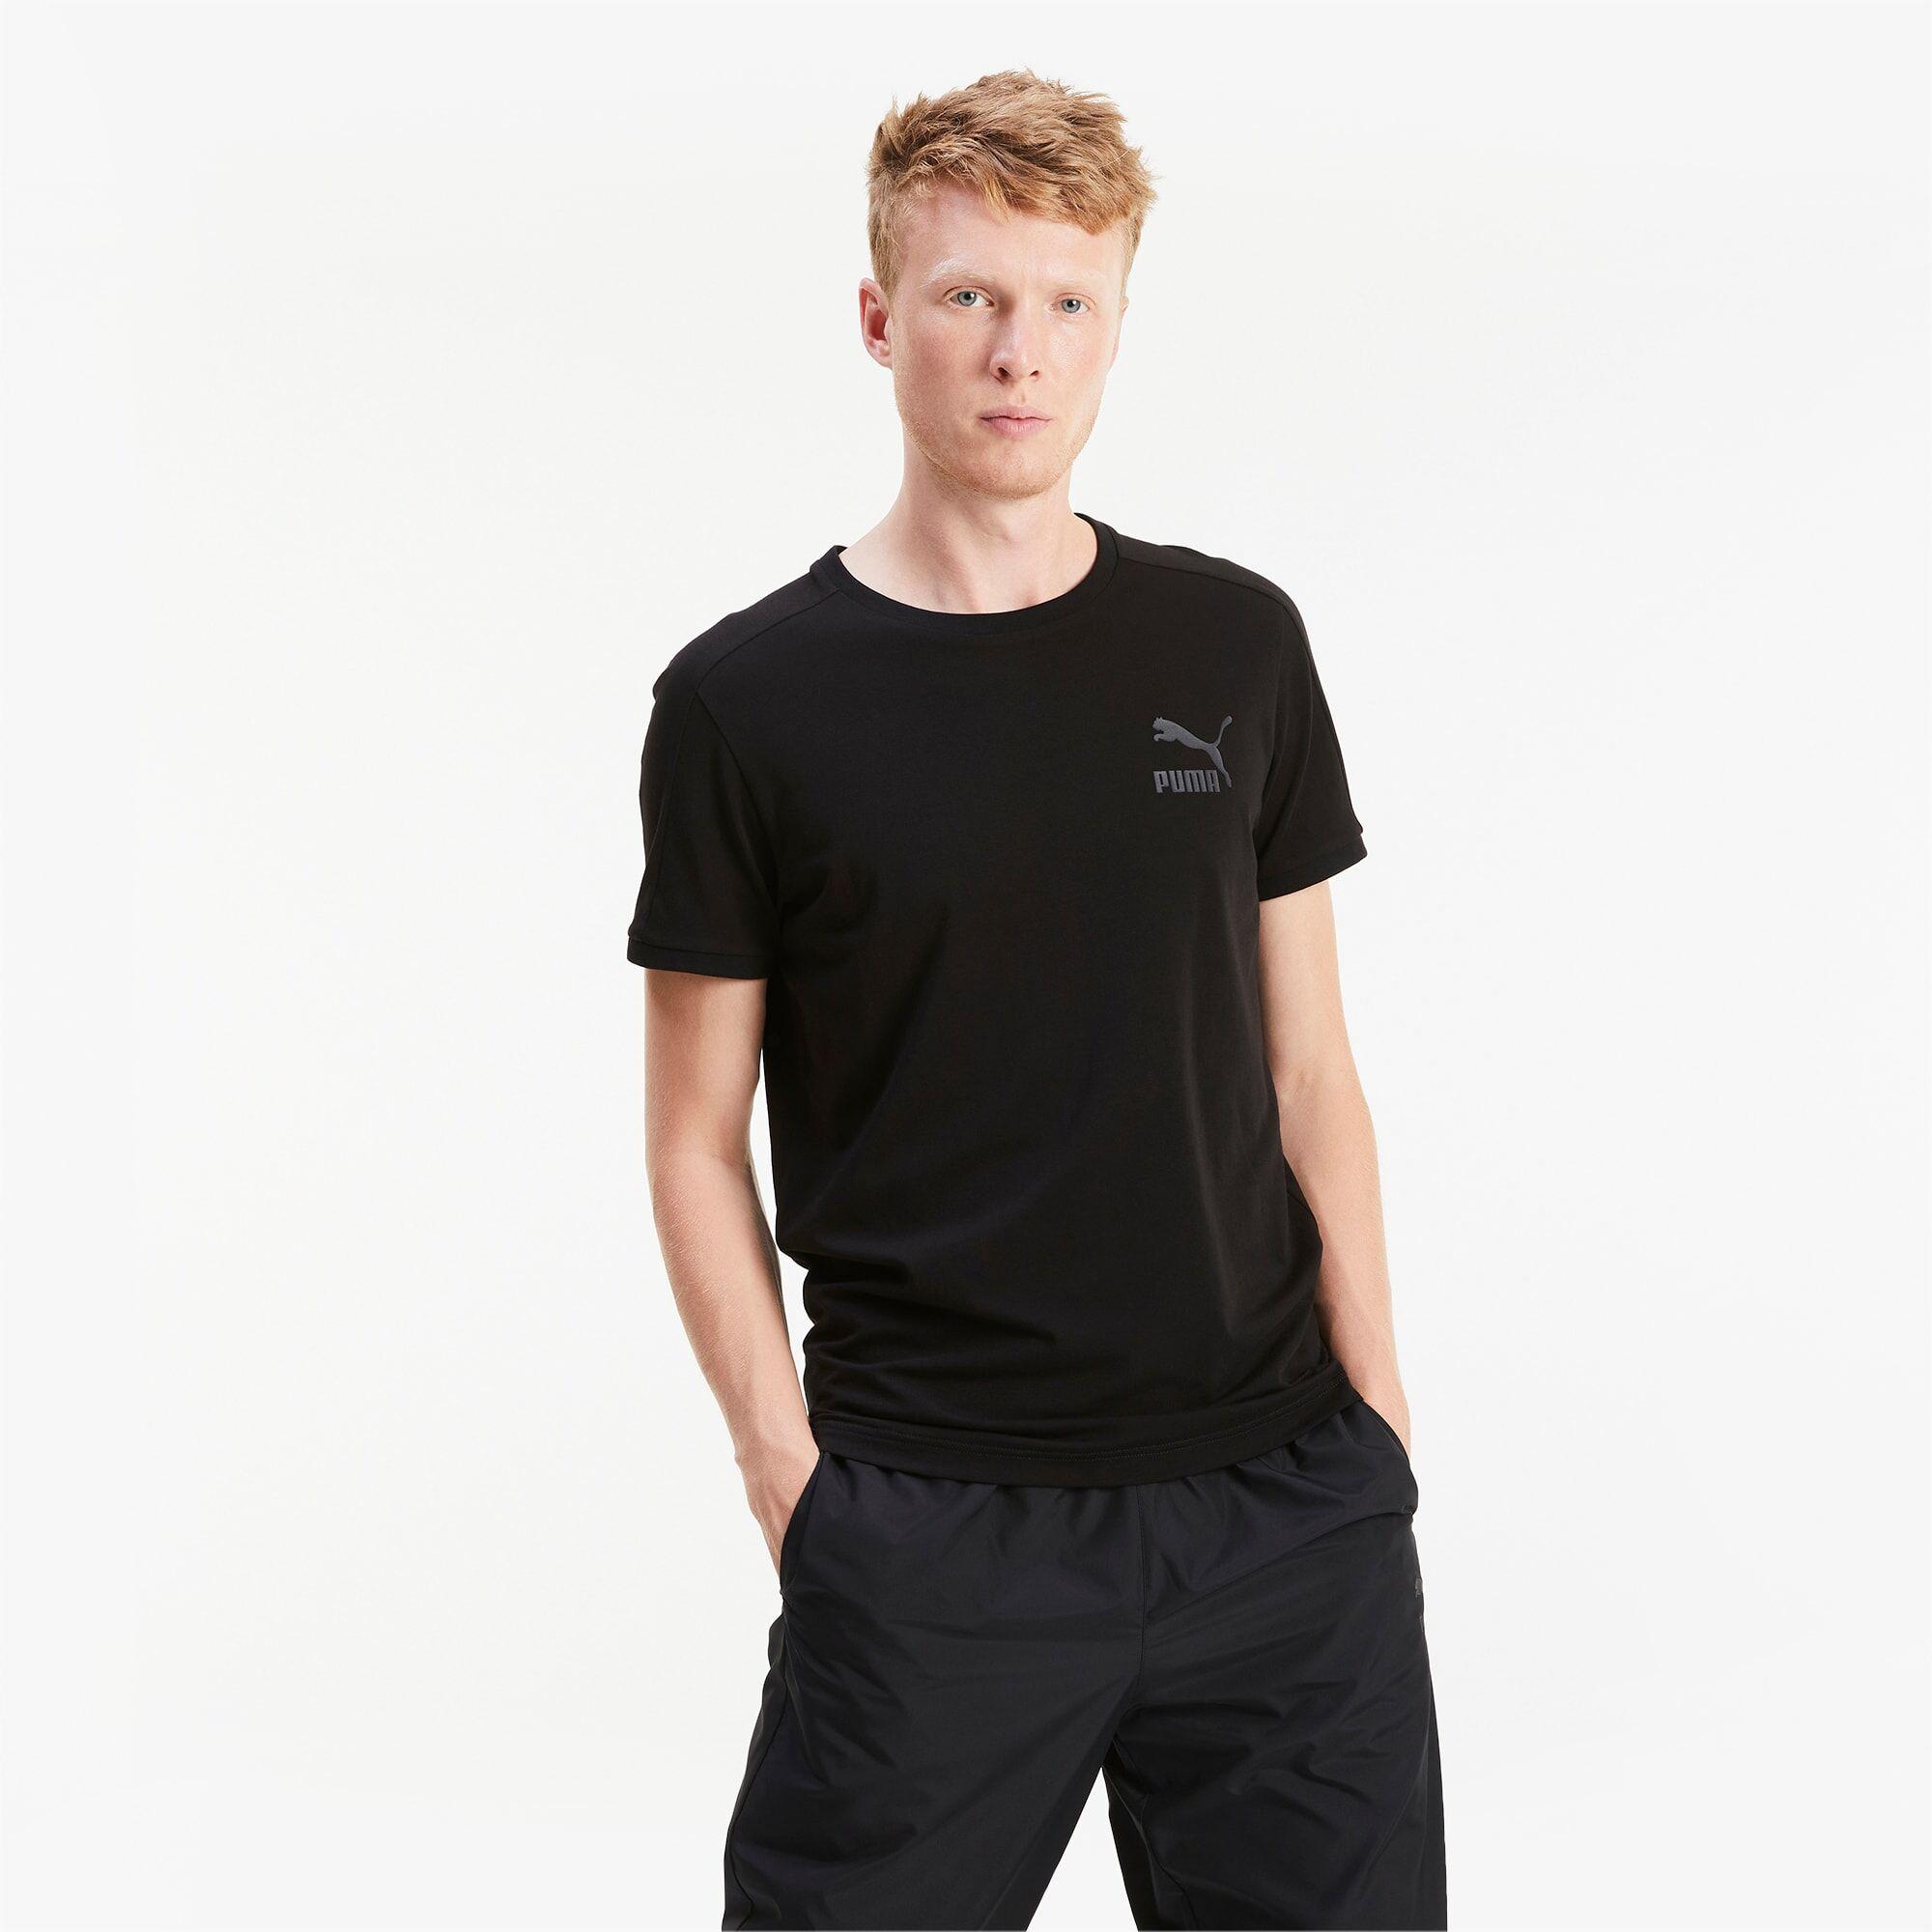 PUMA T-Shirt Iconic T7 Slim pour Homme, Noir, Taille L, Vêtements